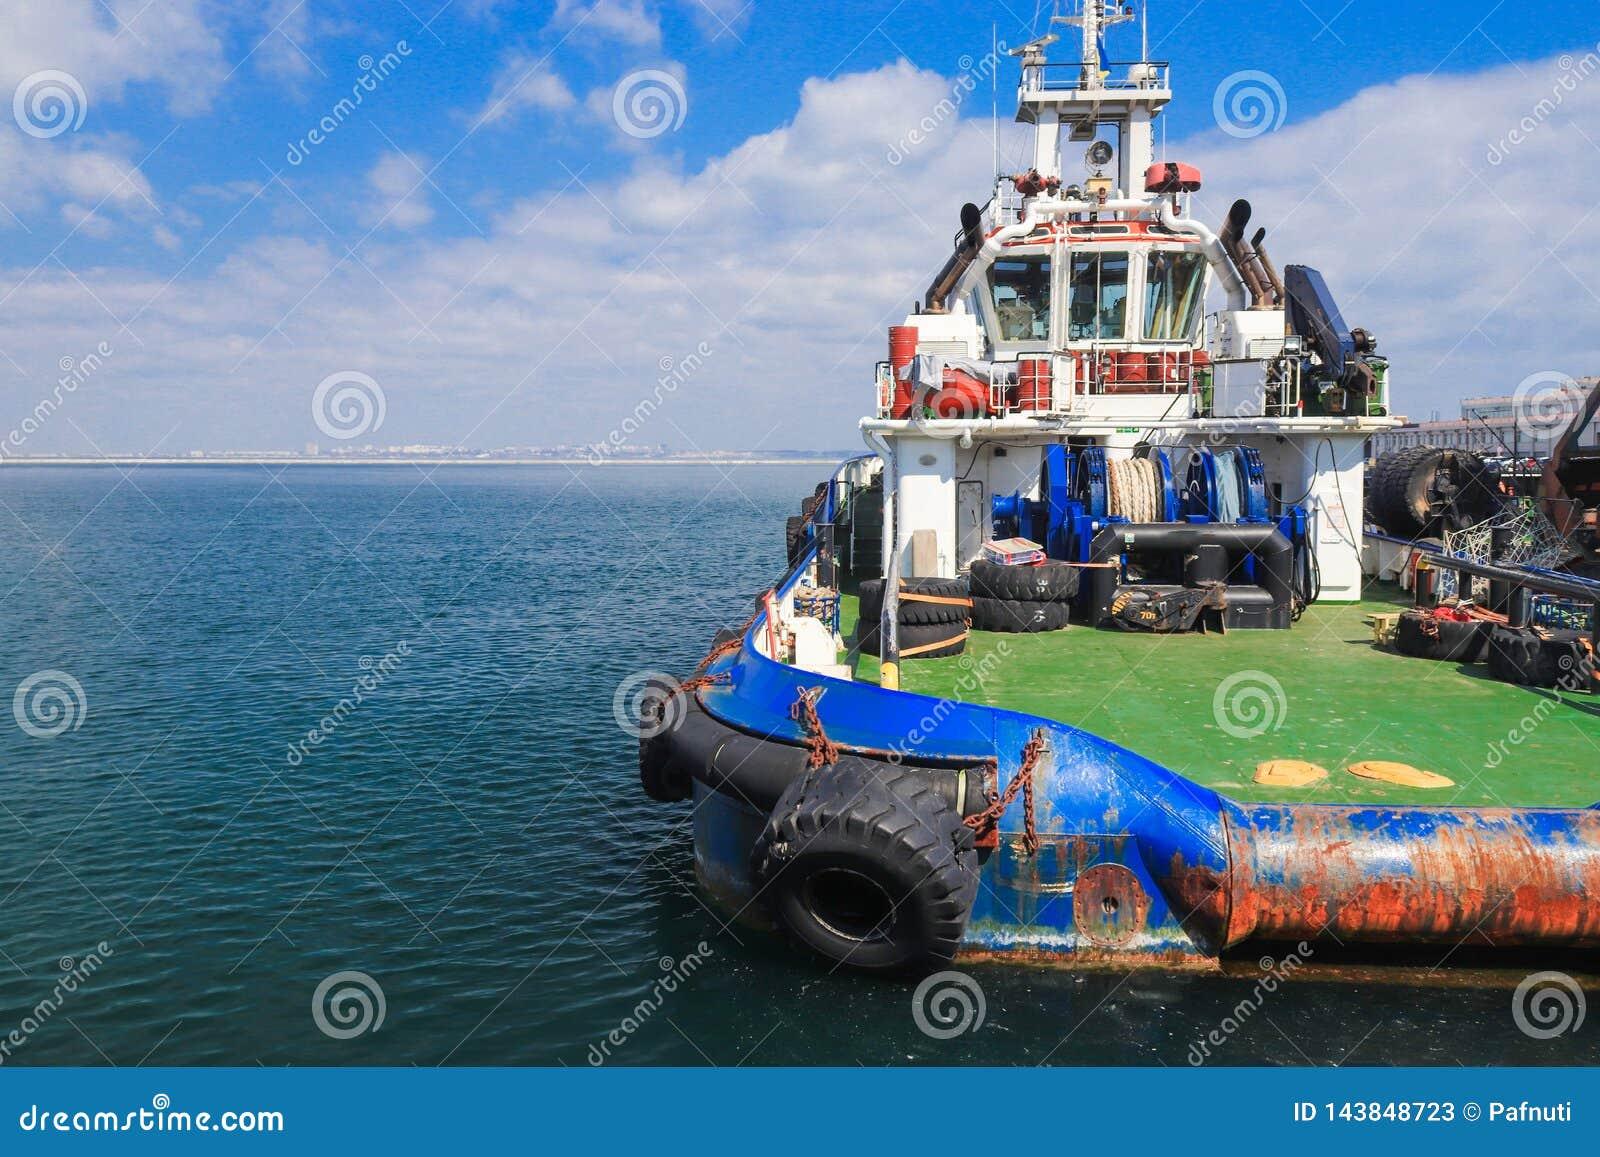 Βάρκα OSV, παράκτια στάση σκαφών ανεφοδιασμού που δένεται στο λιμάνι